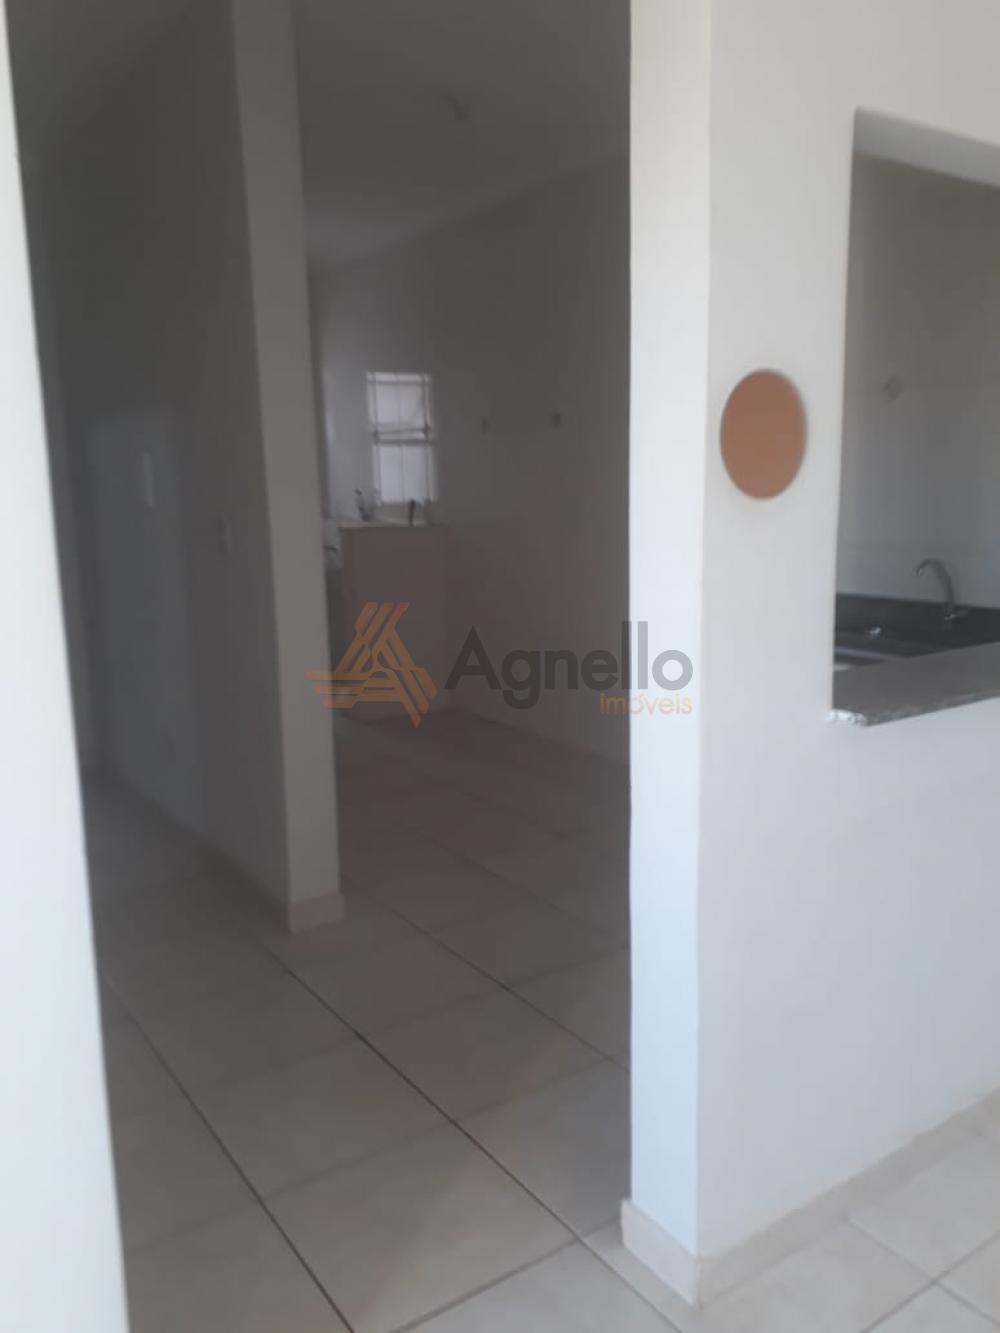 Comprar Apartamento / Padrão em Franca R$ 170.000,00 - Foto 5